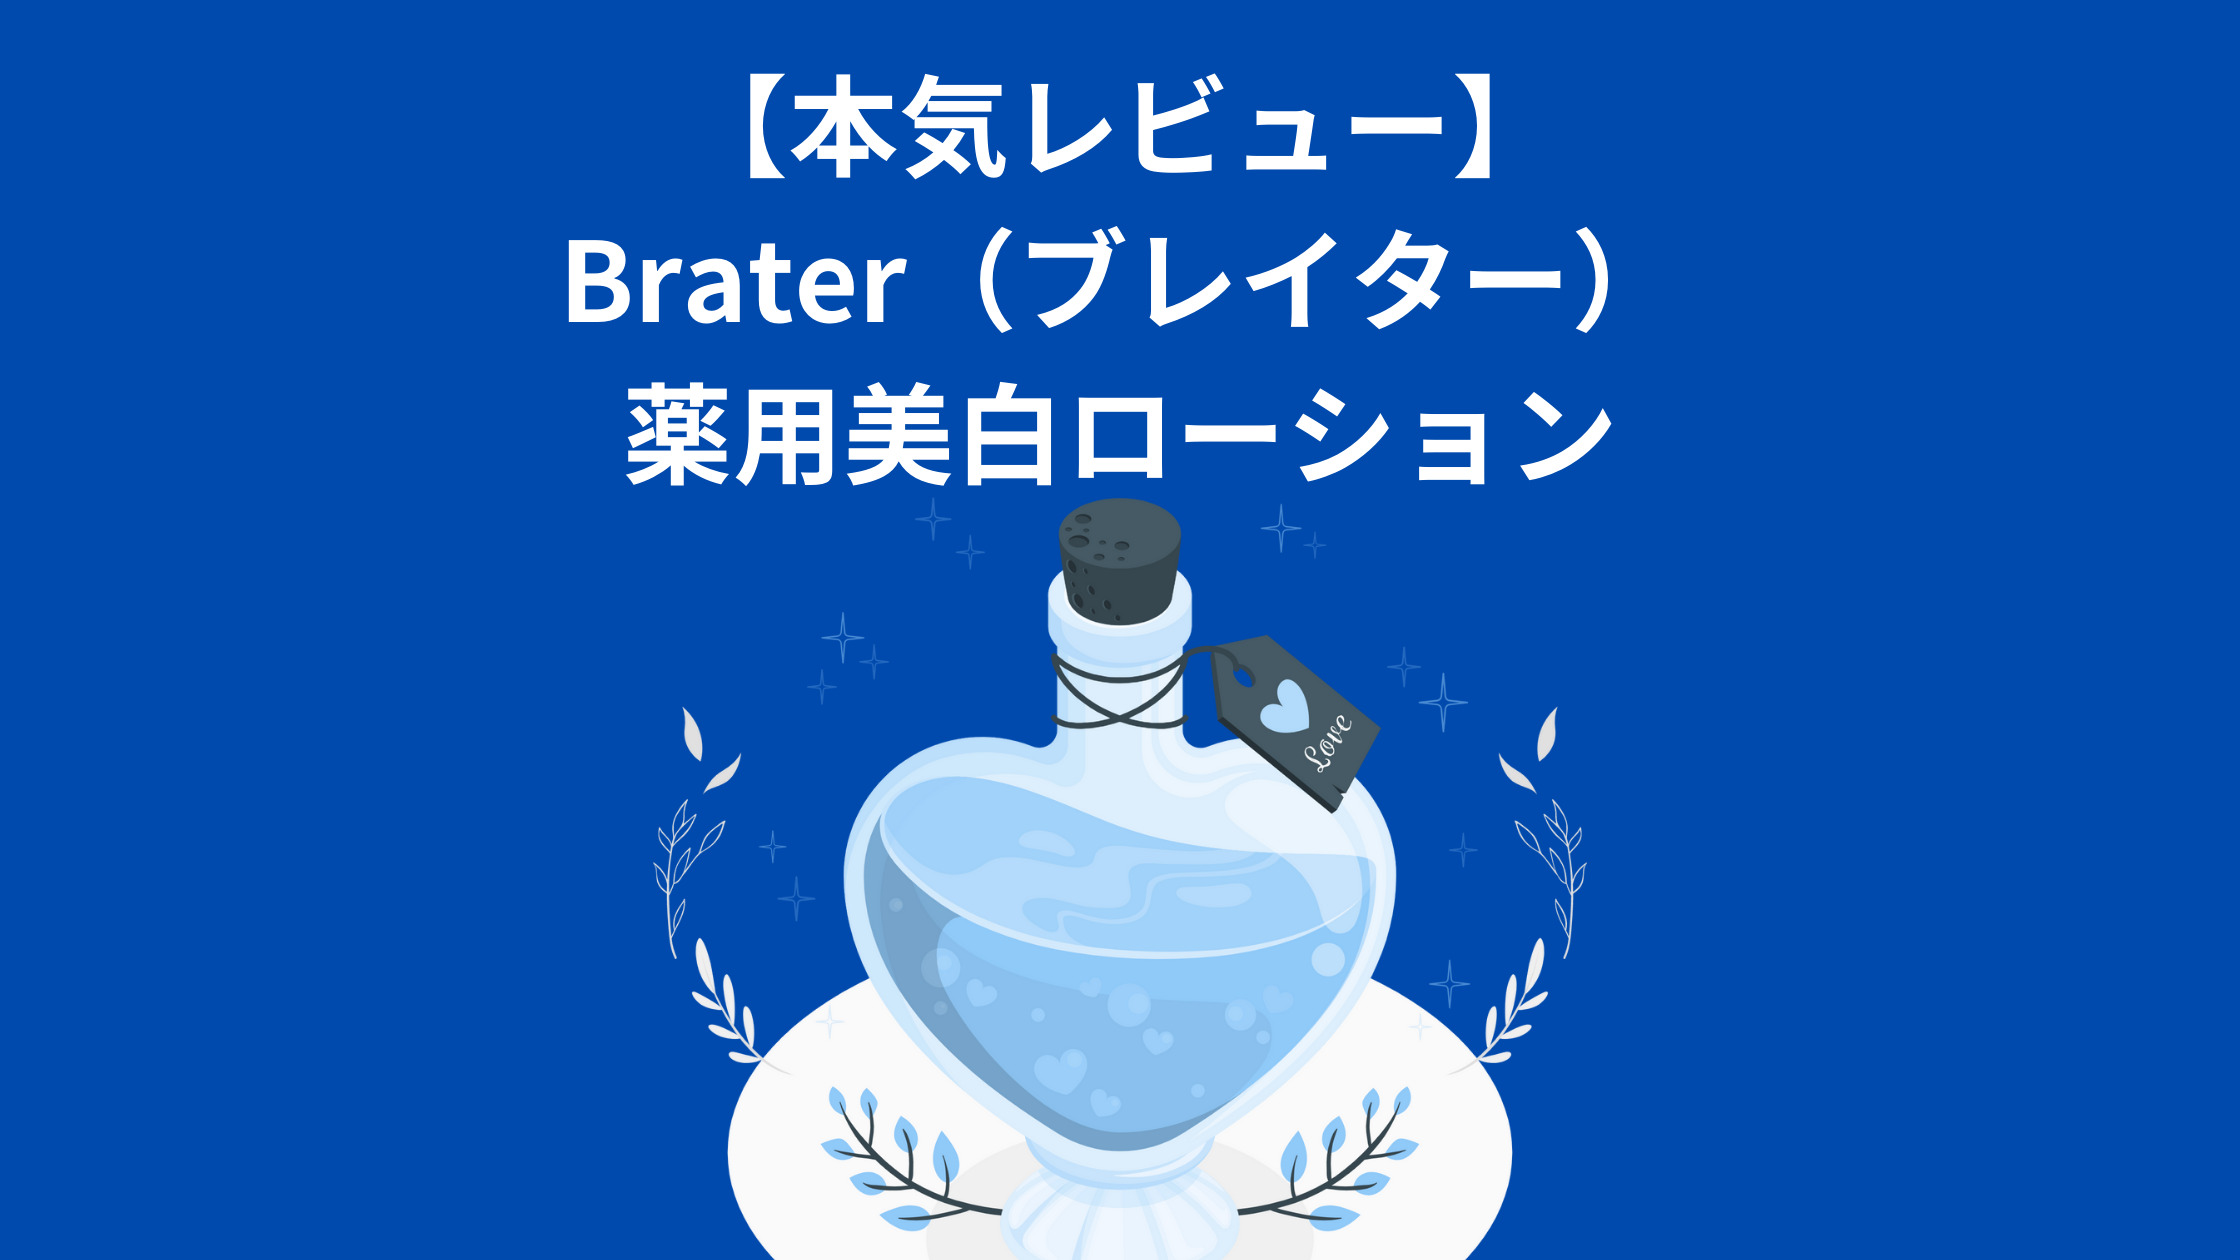 【本気レビュー】 Brater(ブレイター) 薬用美白ローション